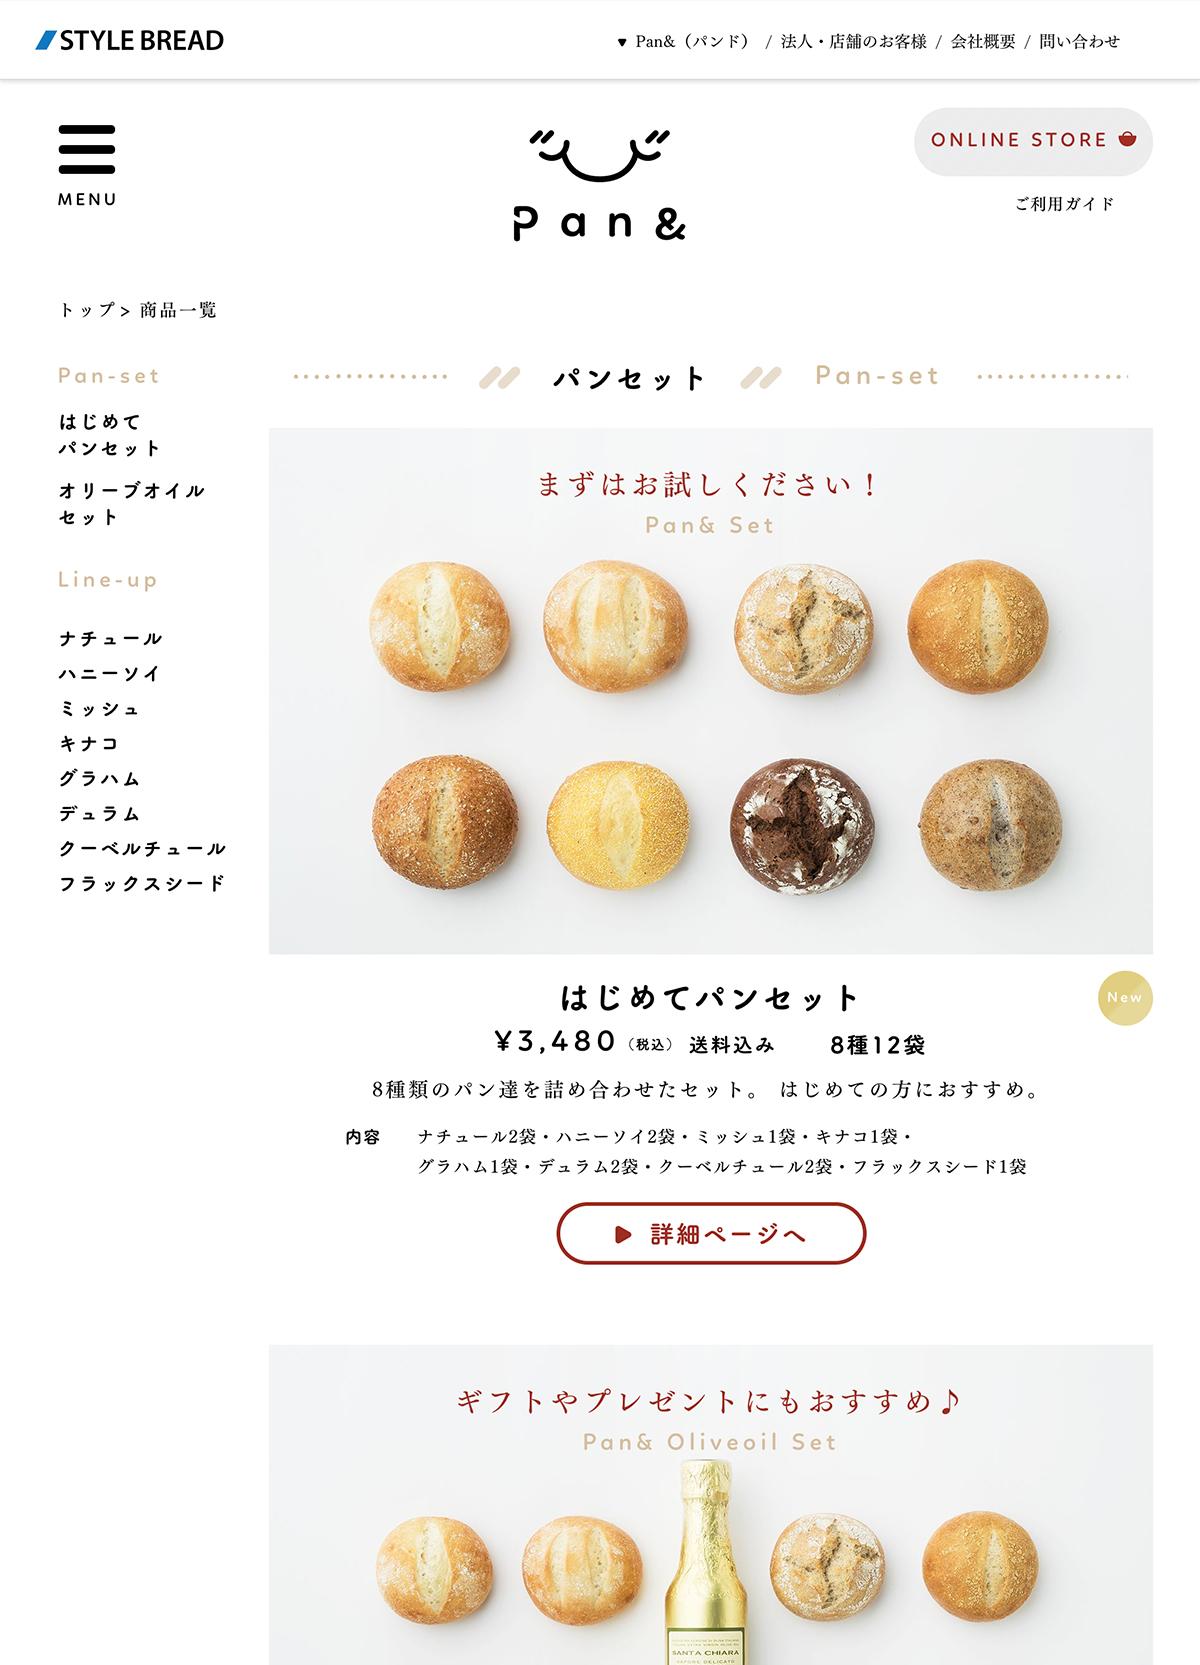 pan&ブランドサイト